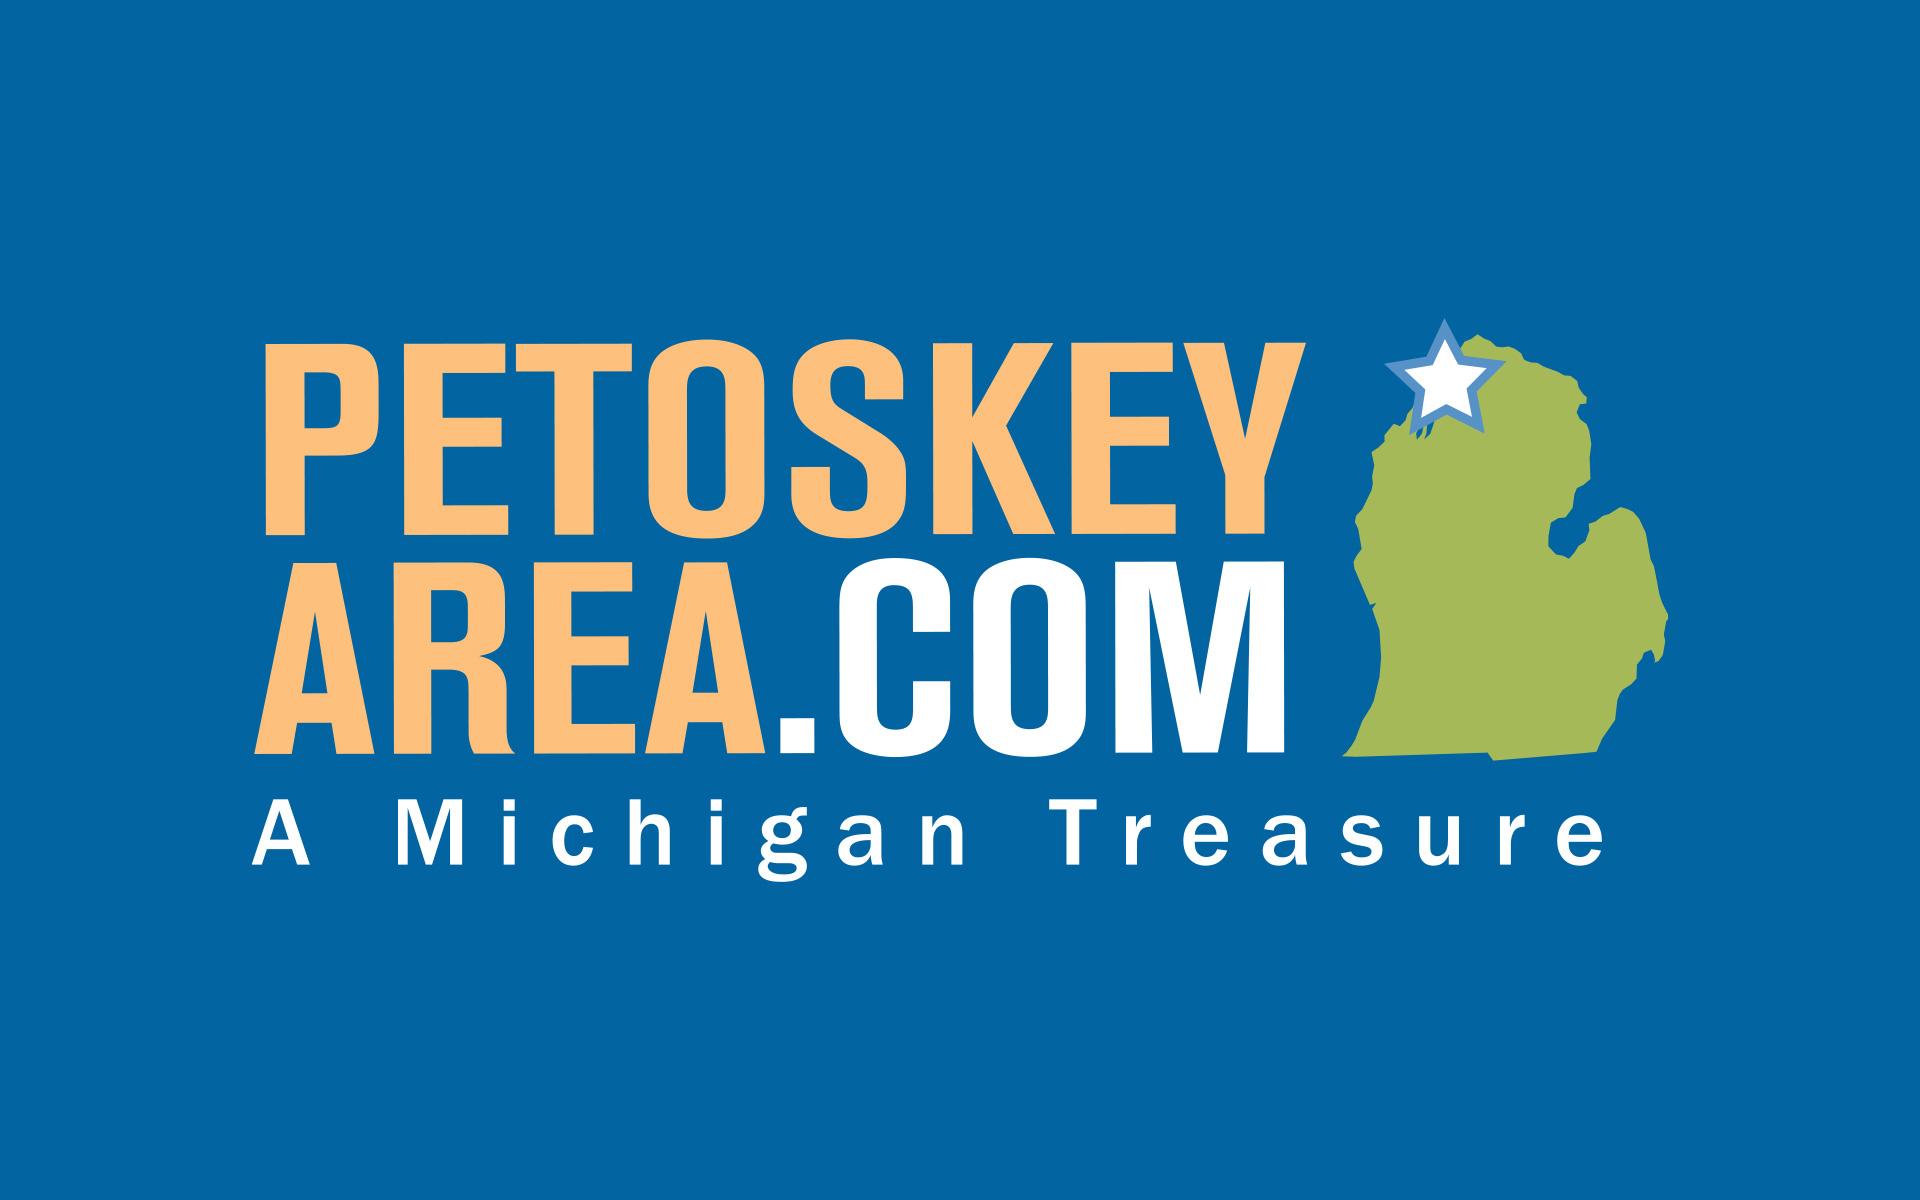 Branding - The Petoskey Area Visitors Bureau